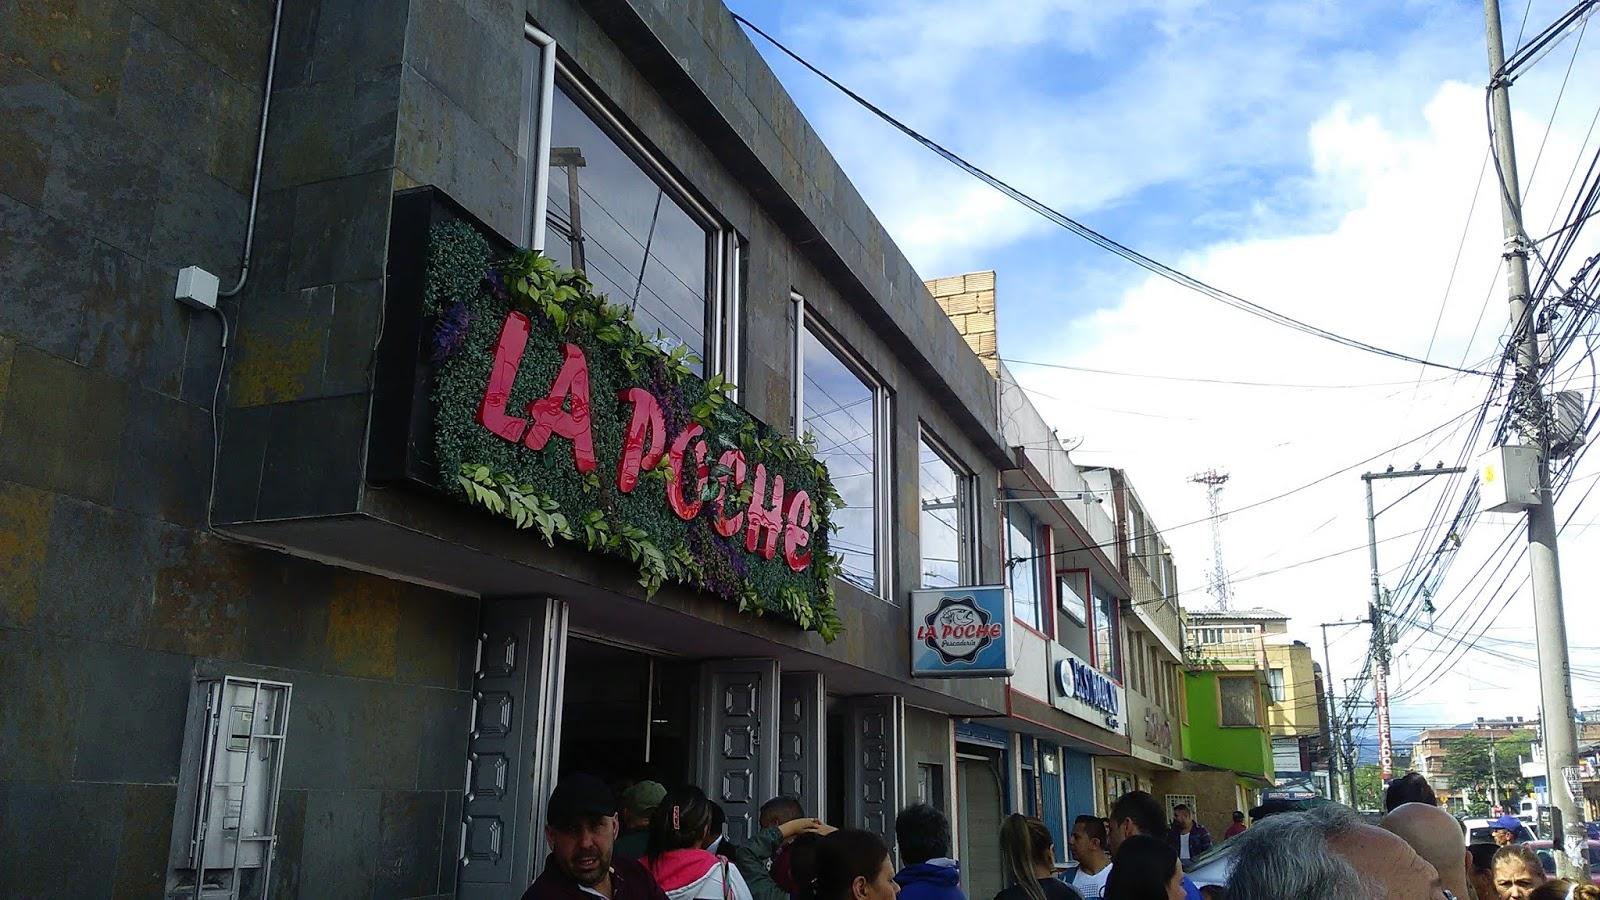 Restaurante La Poche, la mejor pescaderia de Bogota